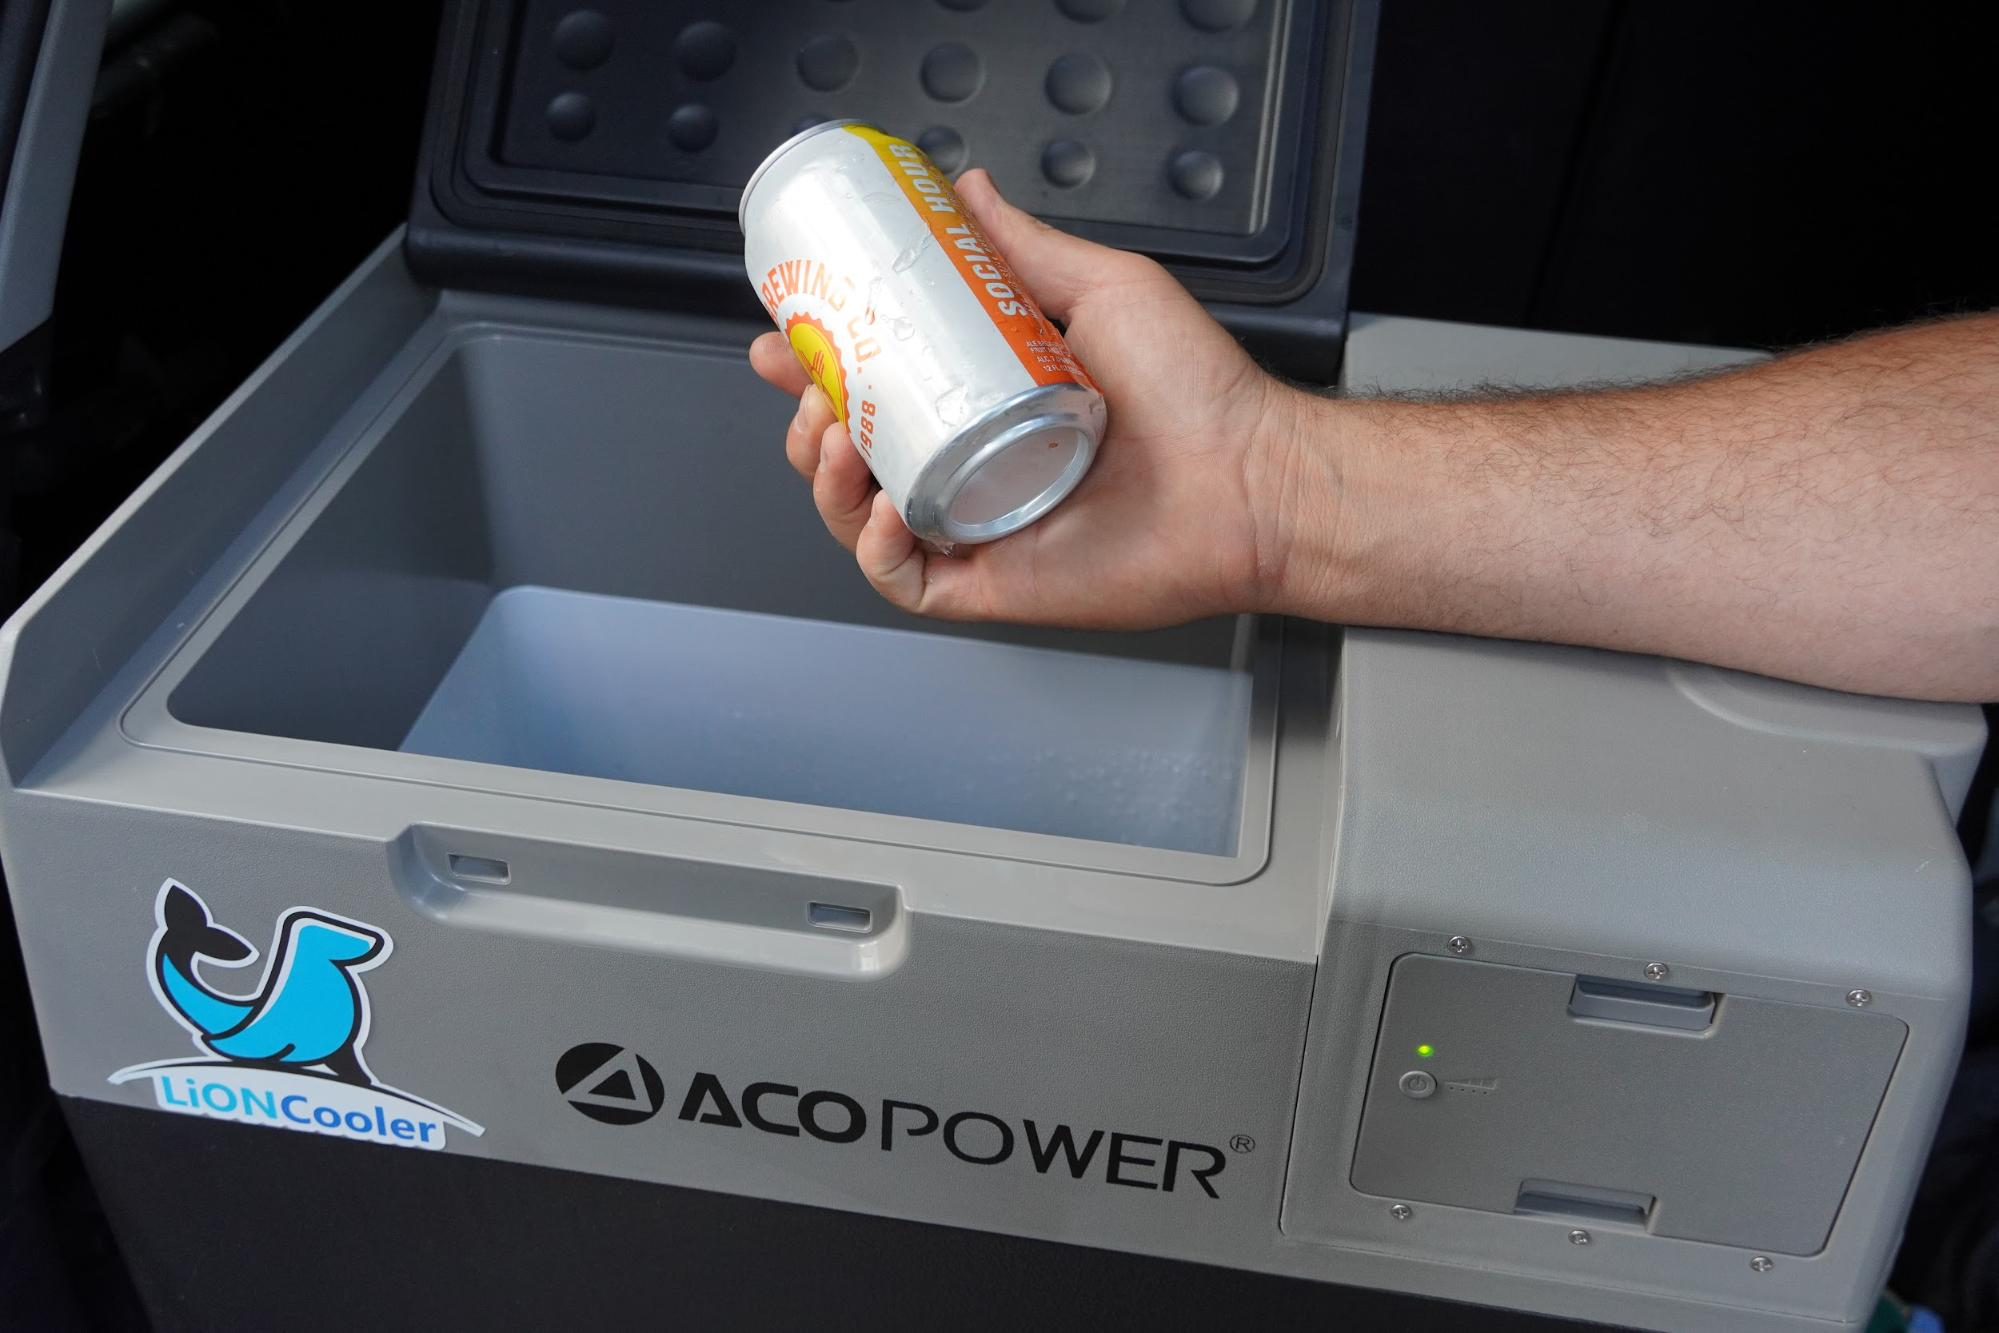 LionCooler X40A Portable Fridge Freezer Cooler by ACOPower